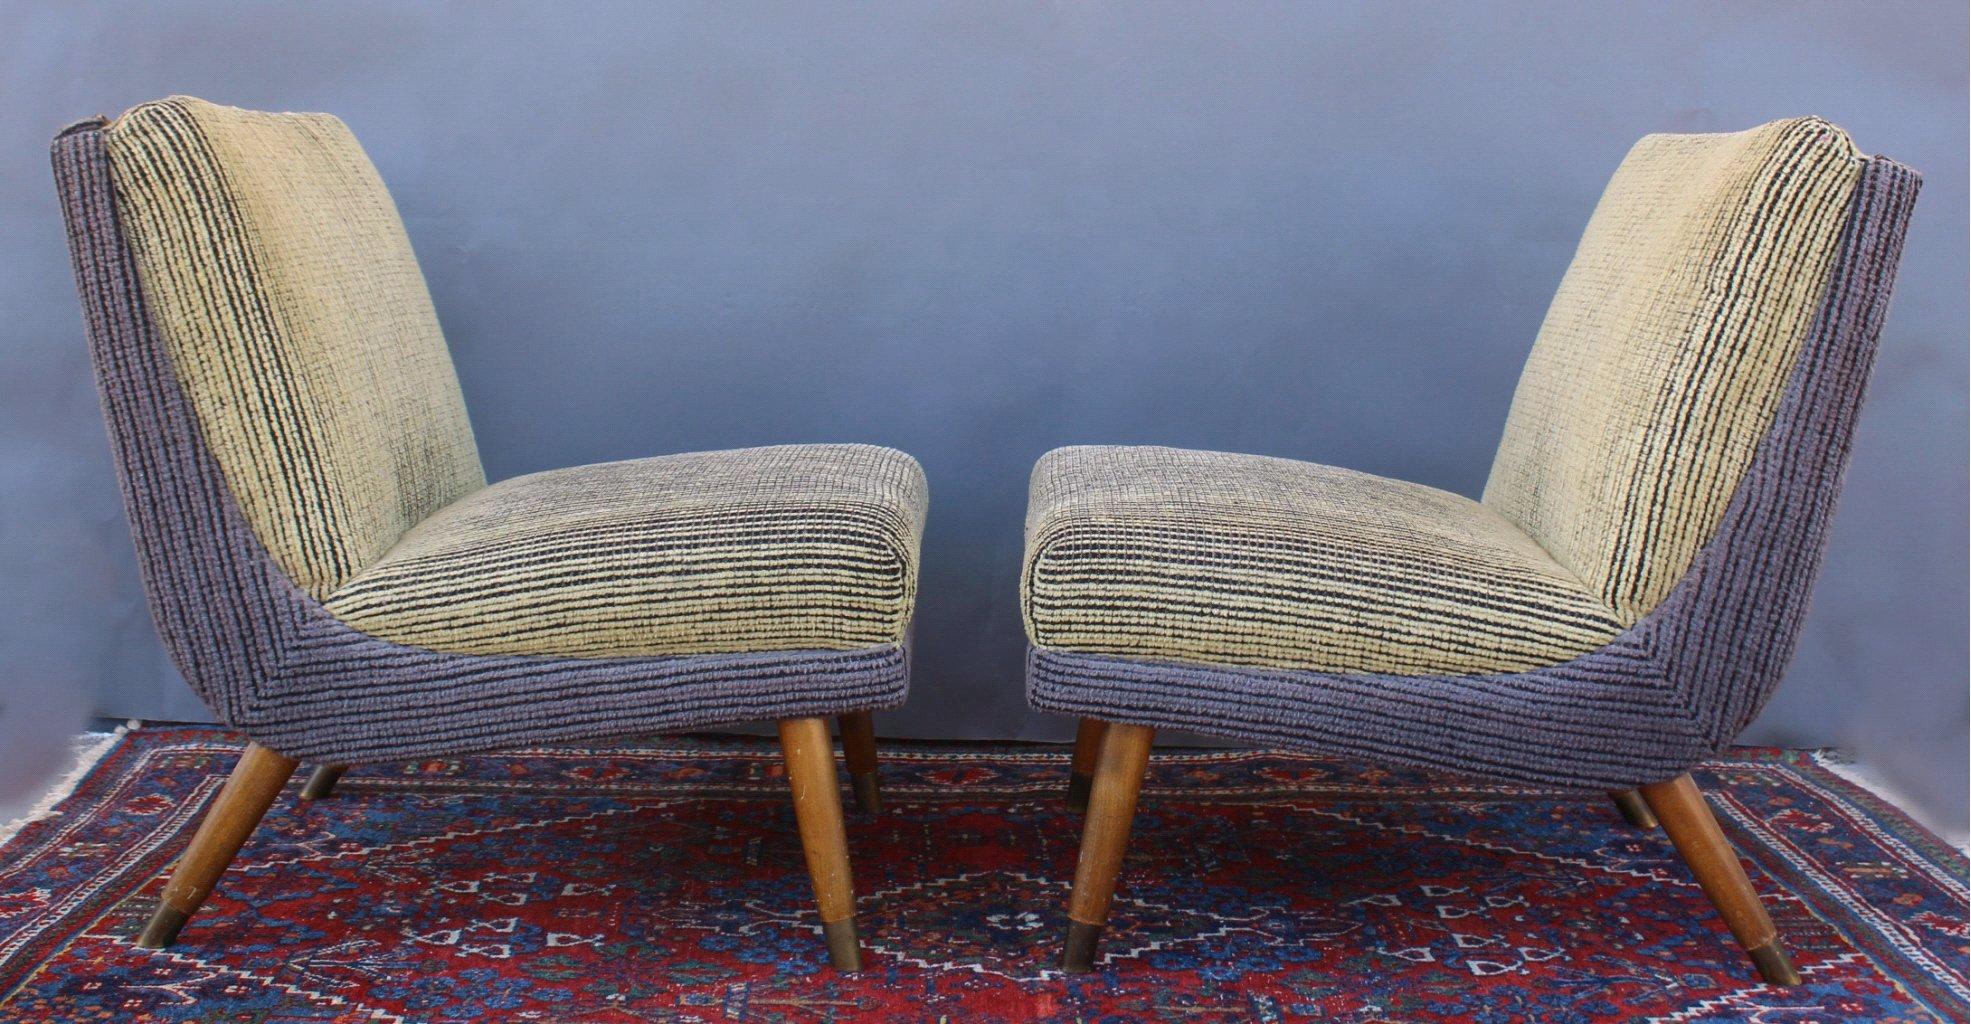 2 sessel aus den 50er jahren badisches auktionshaus for Sessel aus den 50er jahren